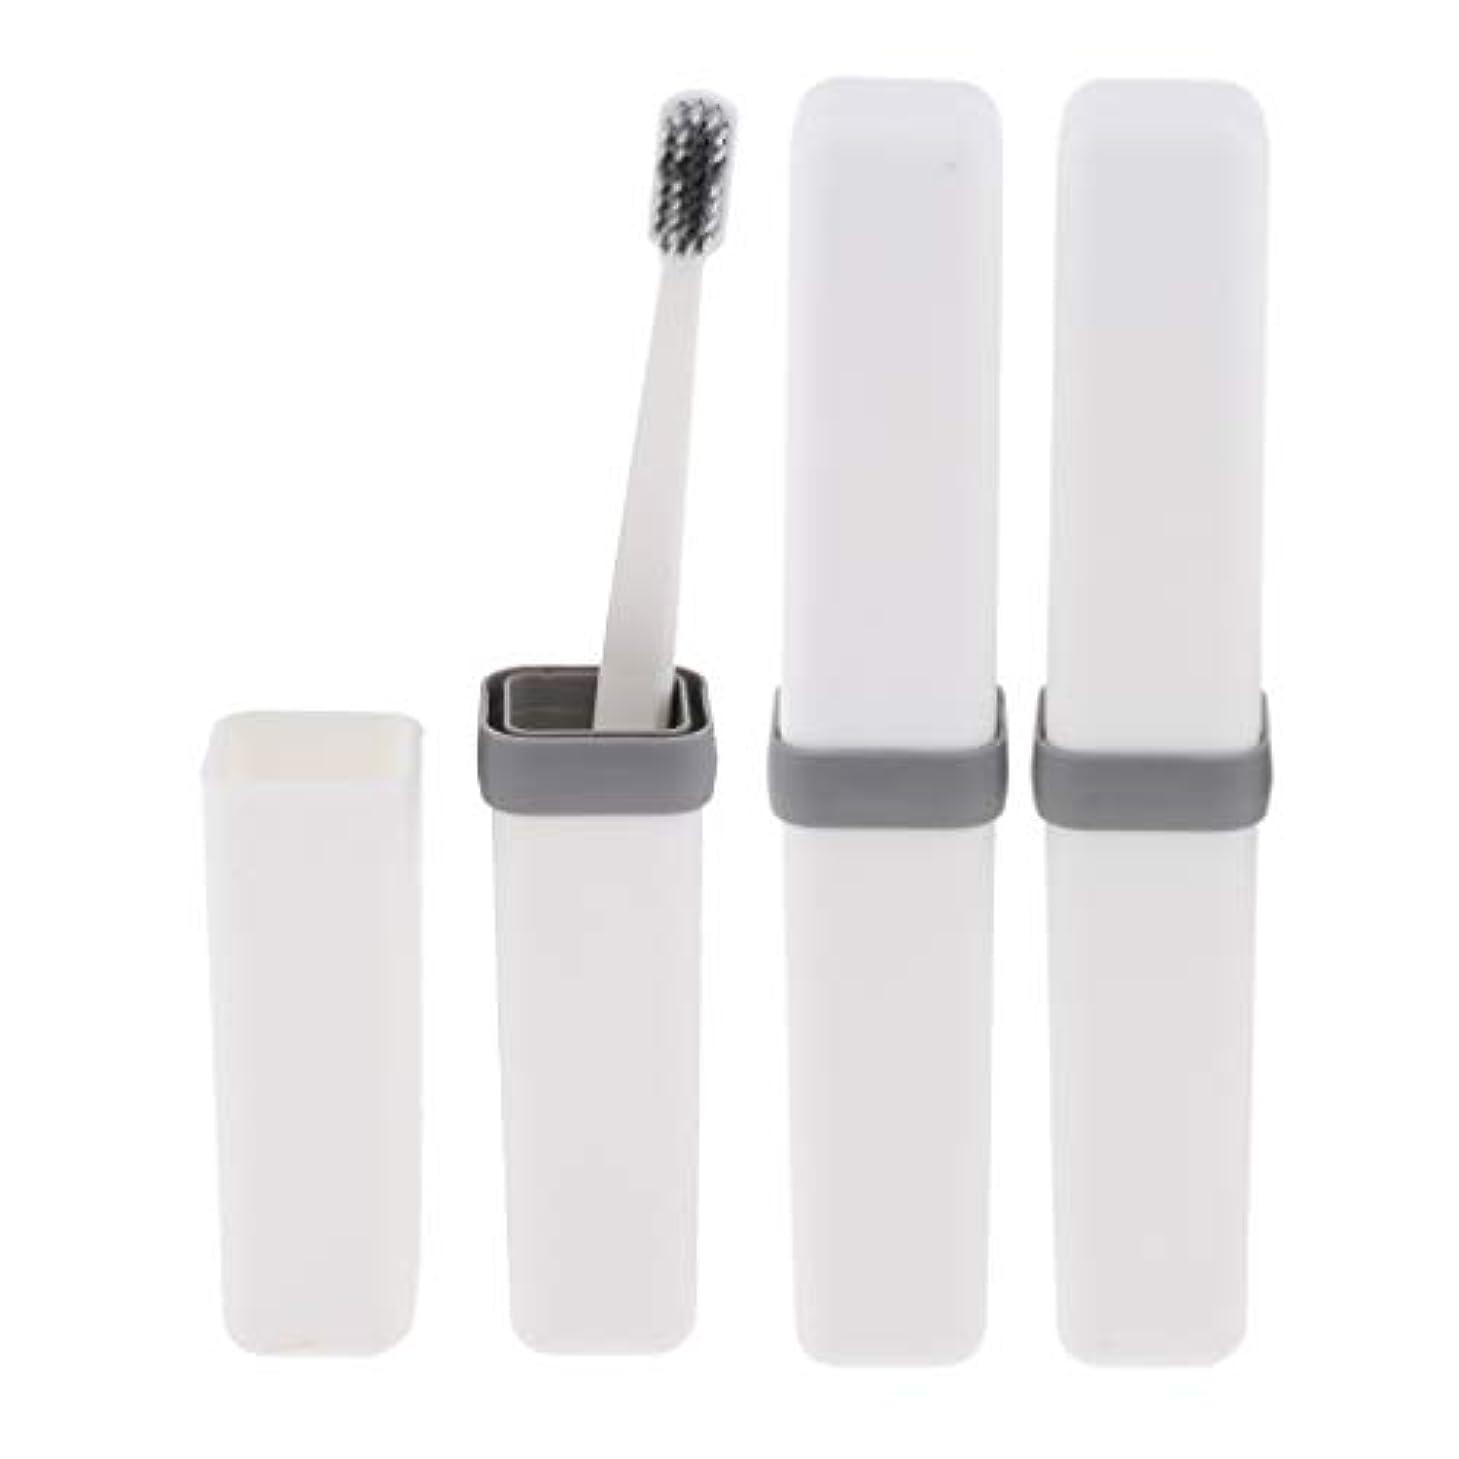 引き付けるまあ知覚する歯ブラシ 歯磨き 歯清潔 収納ボックス付 旅行 キャンプ 学校 軽量 携帯 実用的 3個 全4色 - 白